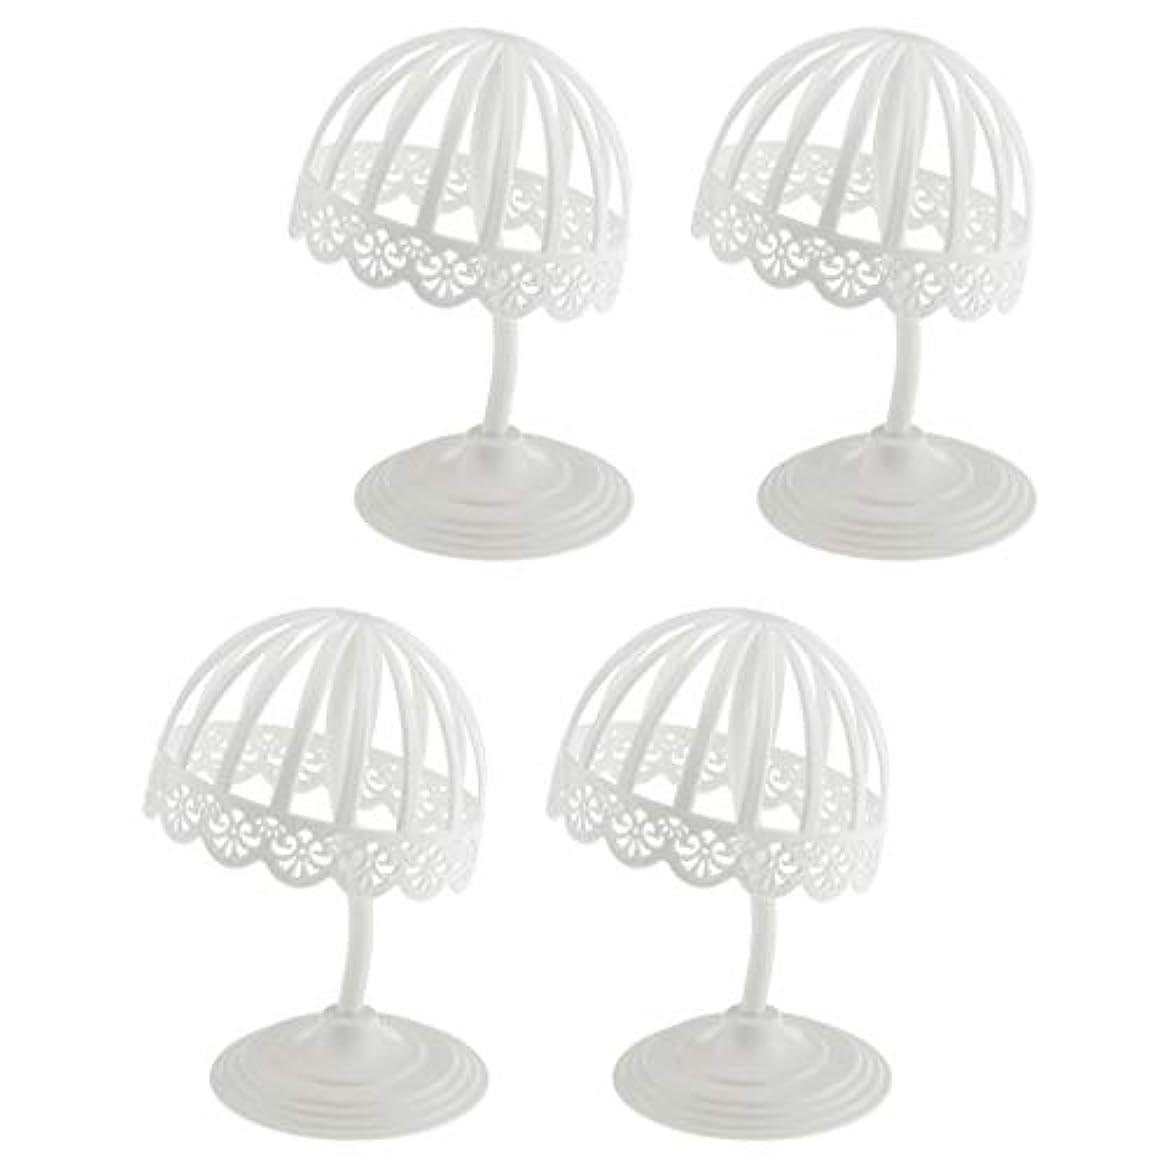 六鳥予言する4個セット ウィッグ スタンド 帽子 収納 ディスプレイ ホルダー プラスチック製 ホワイト